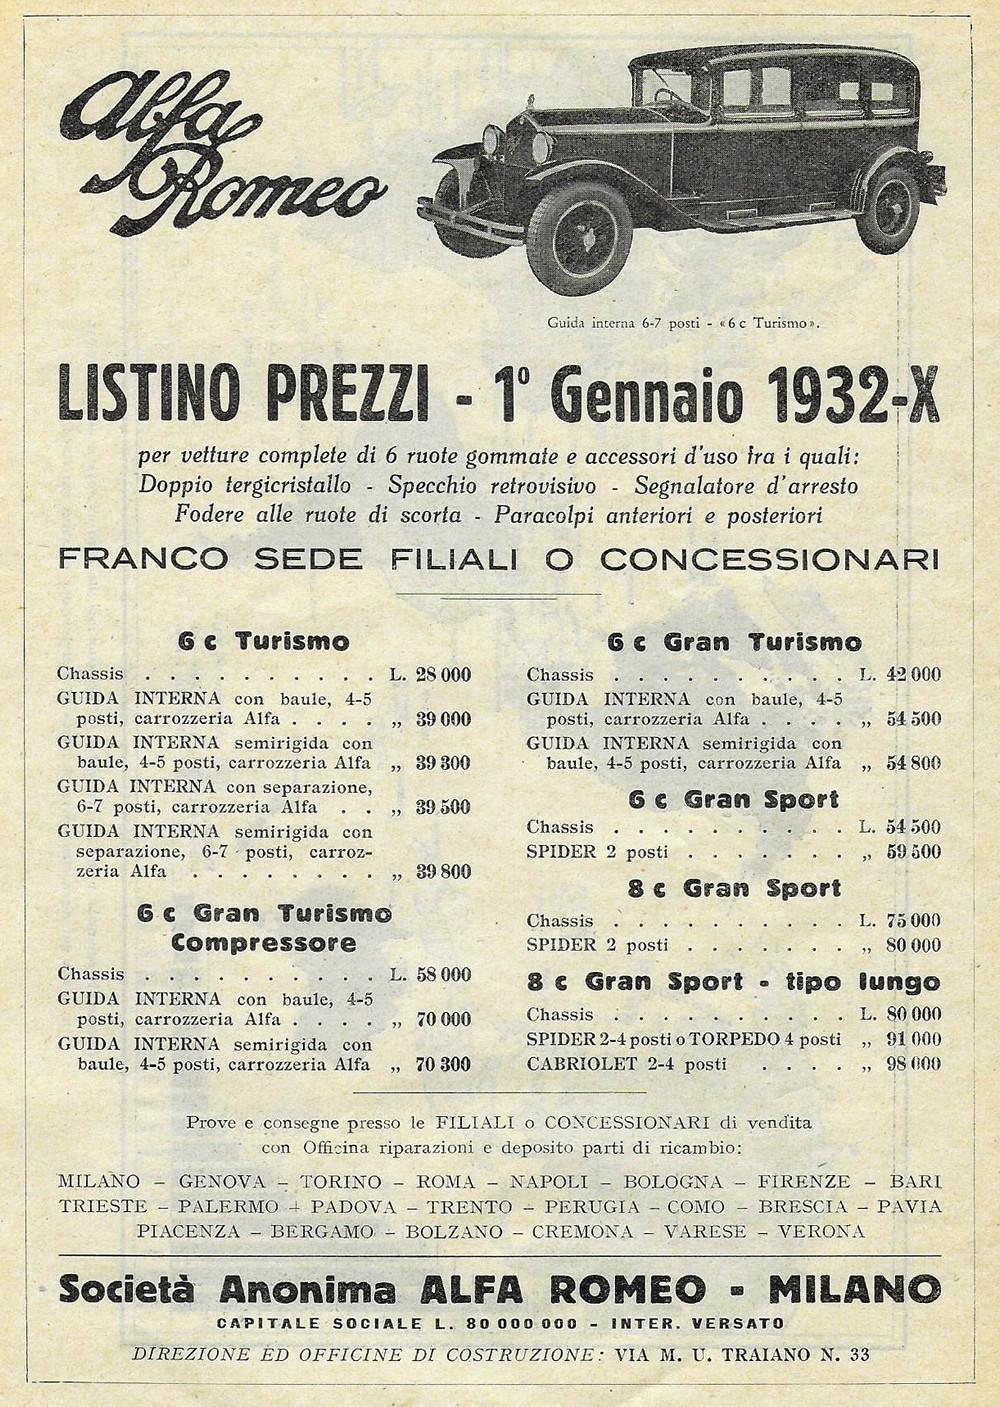 1932 Pubblicita Originale Alfa Romeo Listino Prezzi 01 01 1932 In Passepartout Mynumi